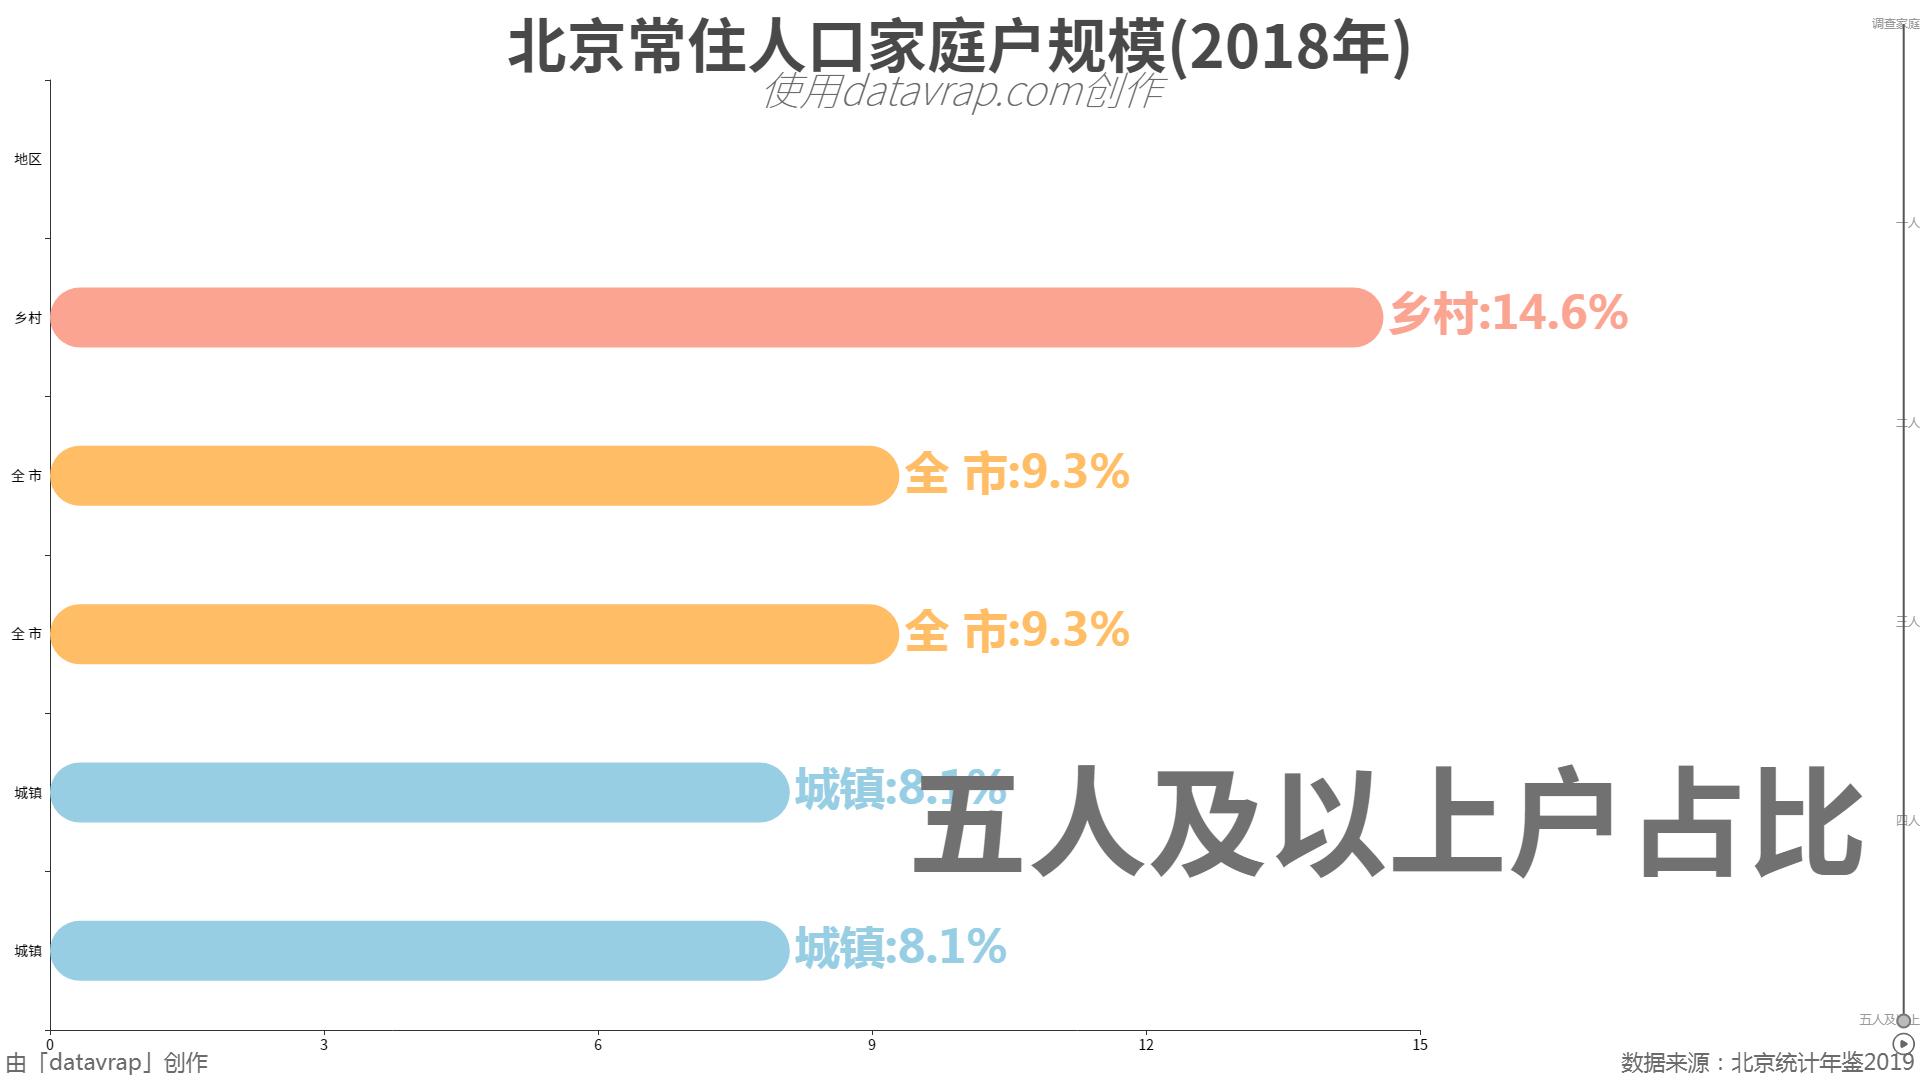 北京常住人口家庭户规模(2018年)